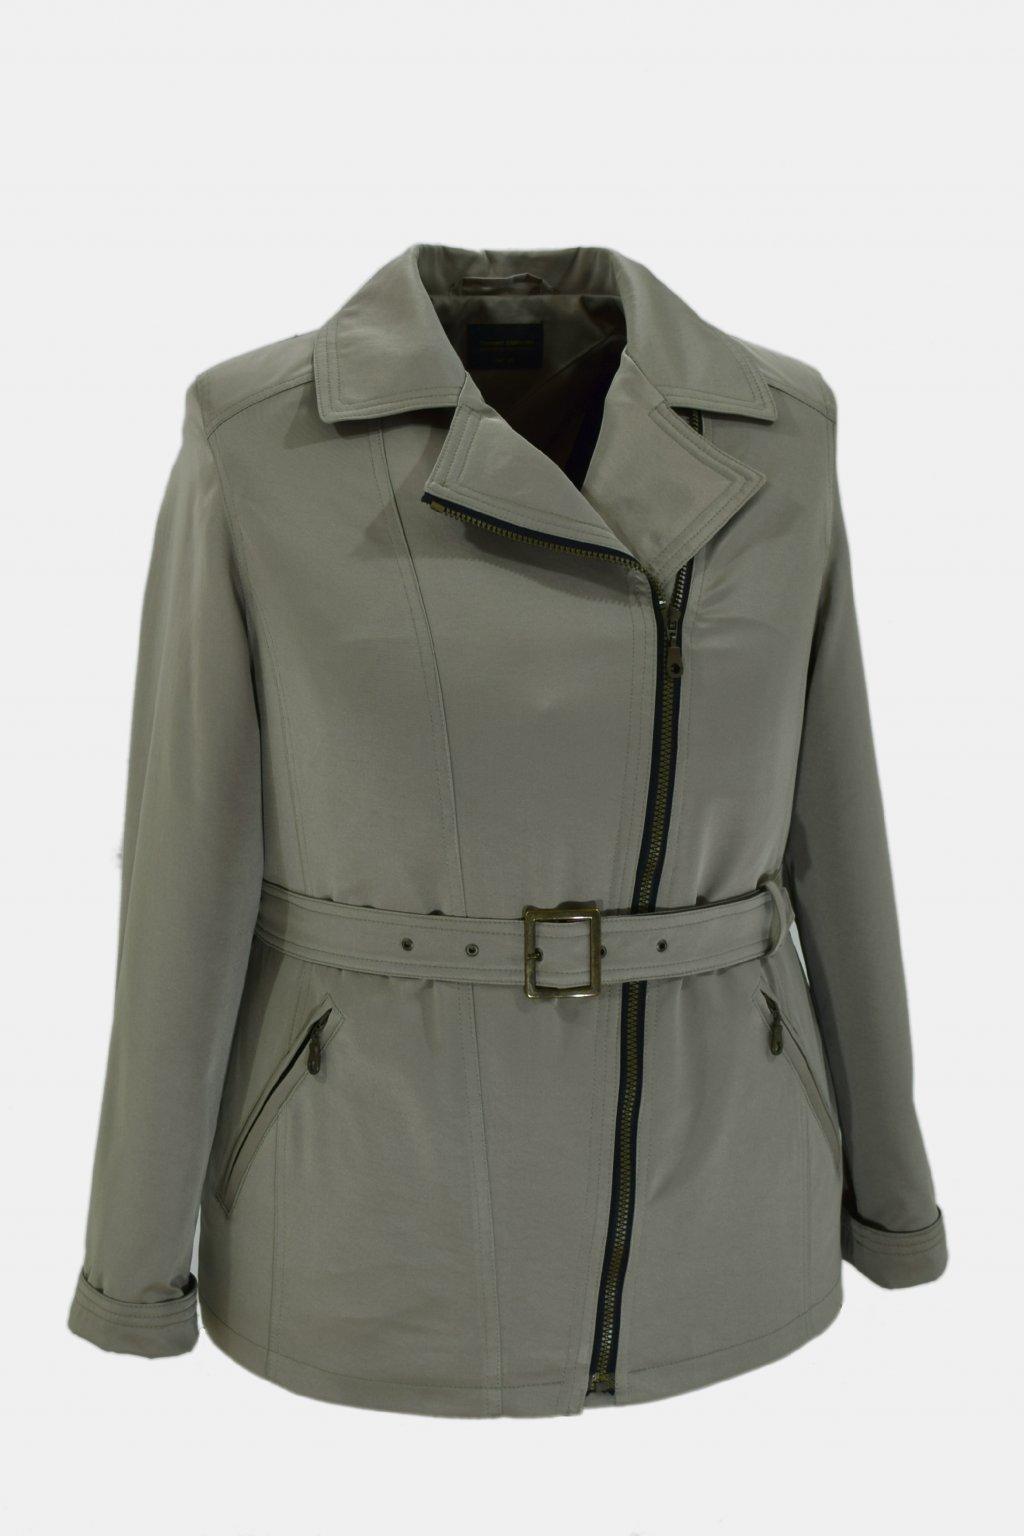 Dámský šedozelený jarní kabátek Zora nadměrné velikosti